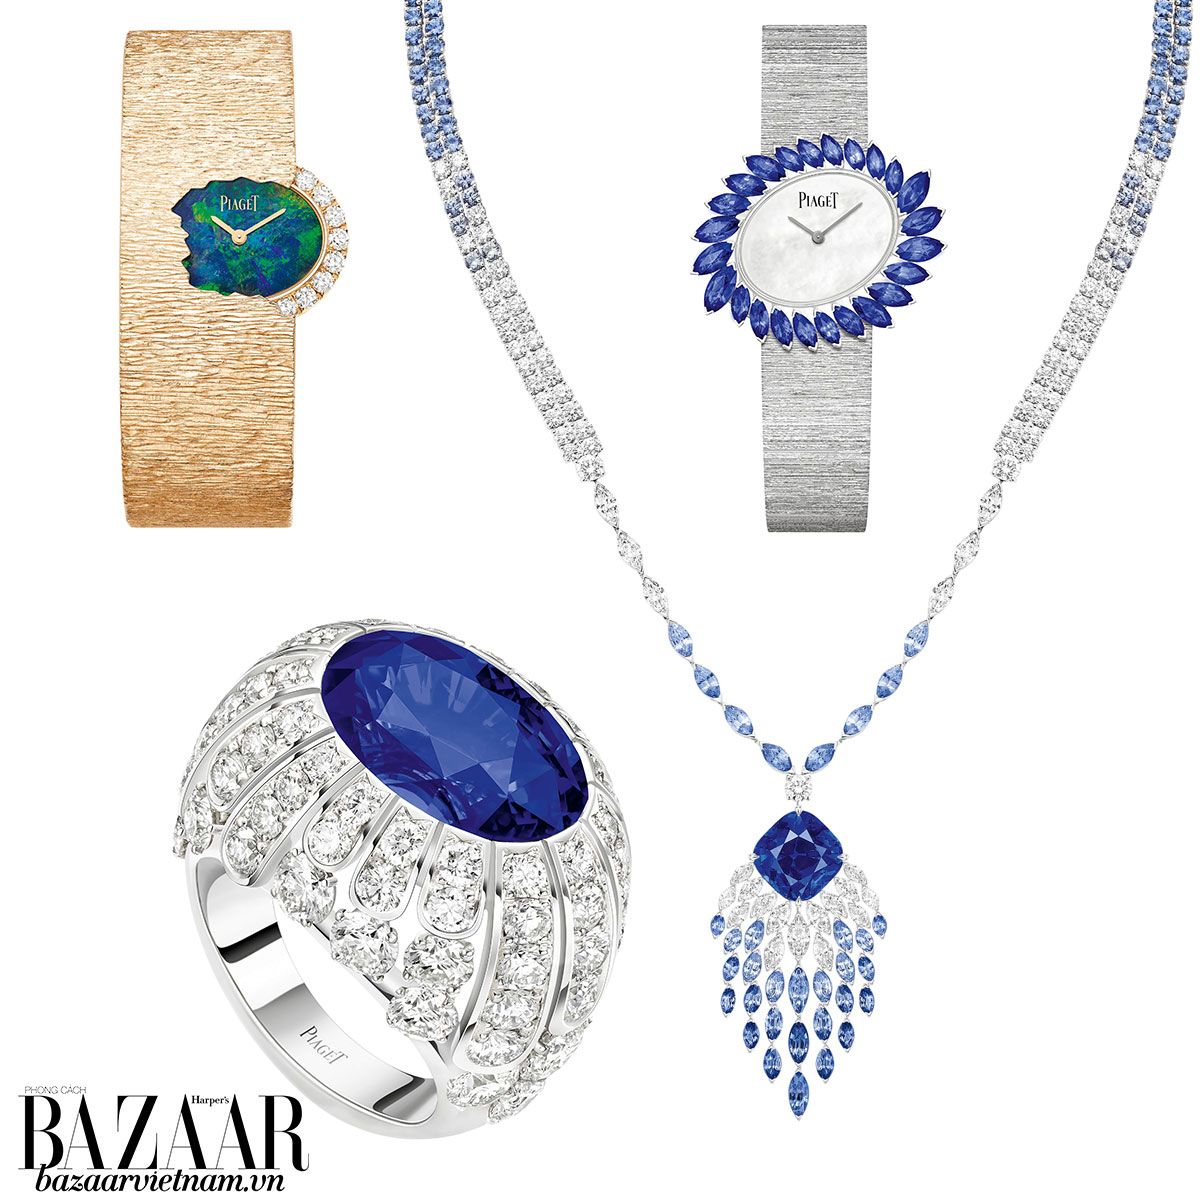 Từ trái sang: Đồng hồ Confidential Waters, nhẫn Diamond Veil, bộ đôi đồng hồ và vòng cổ Blue Waterfall